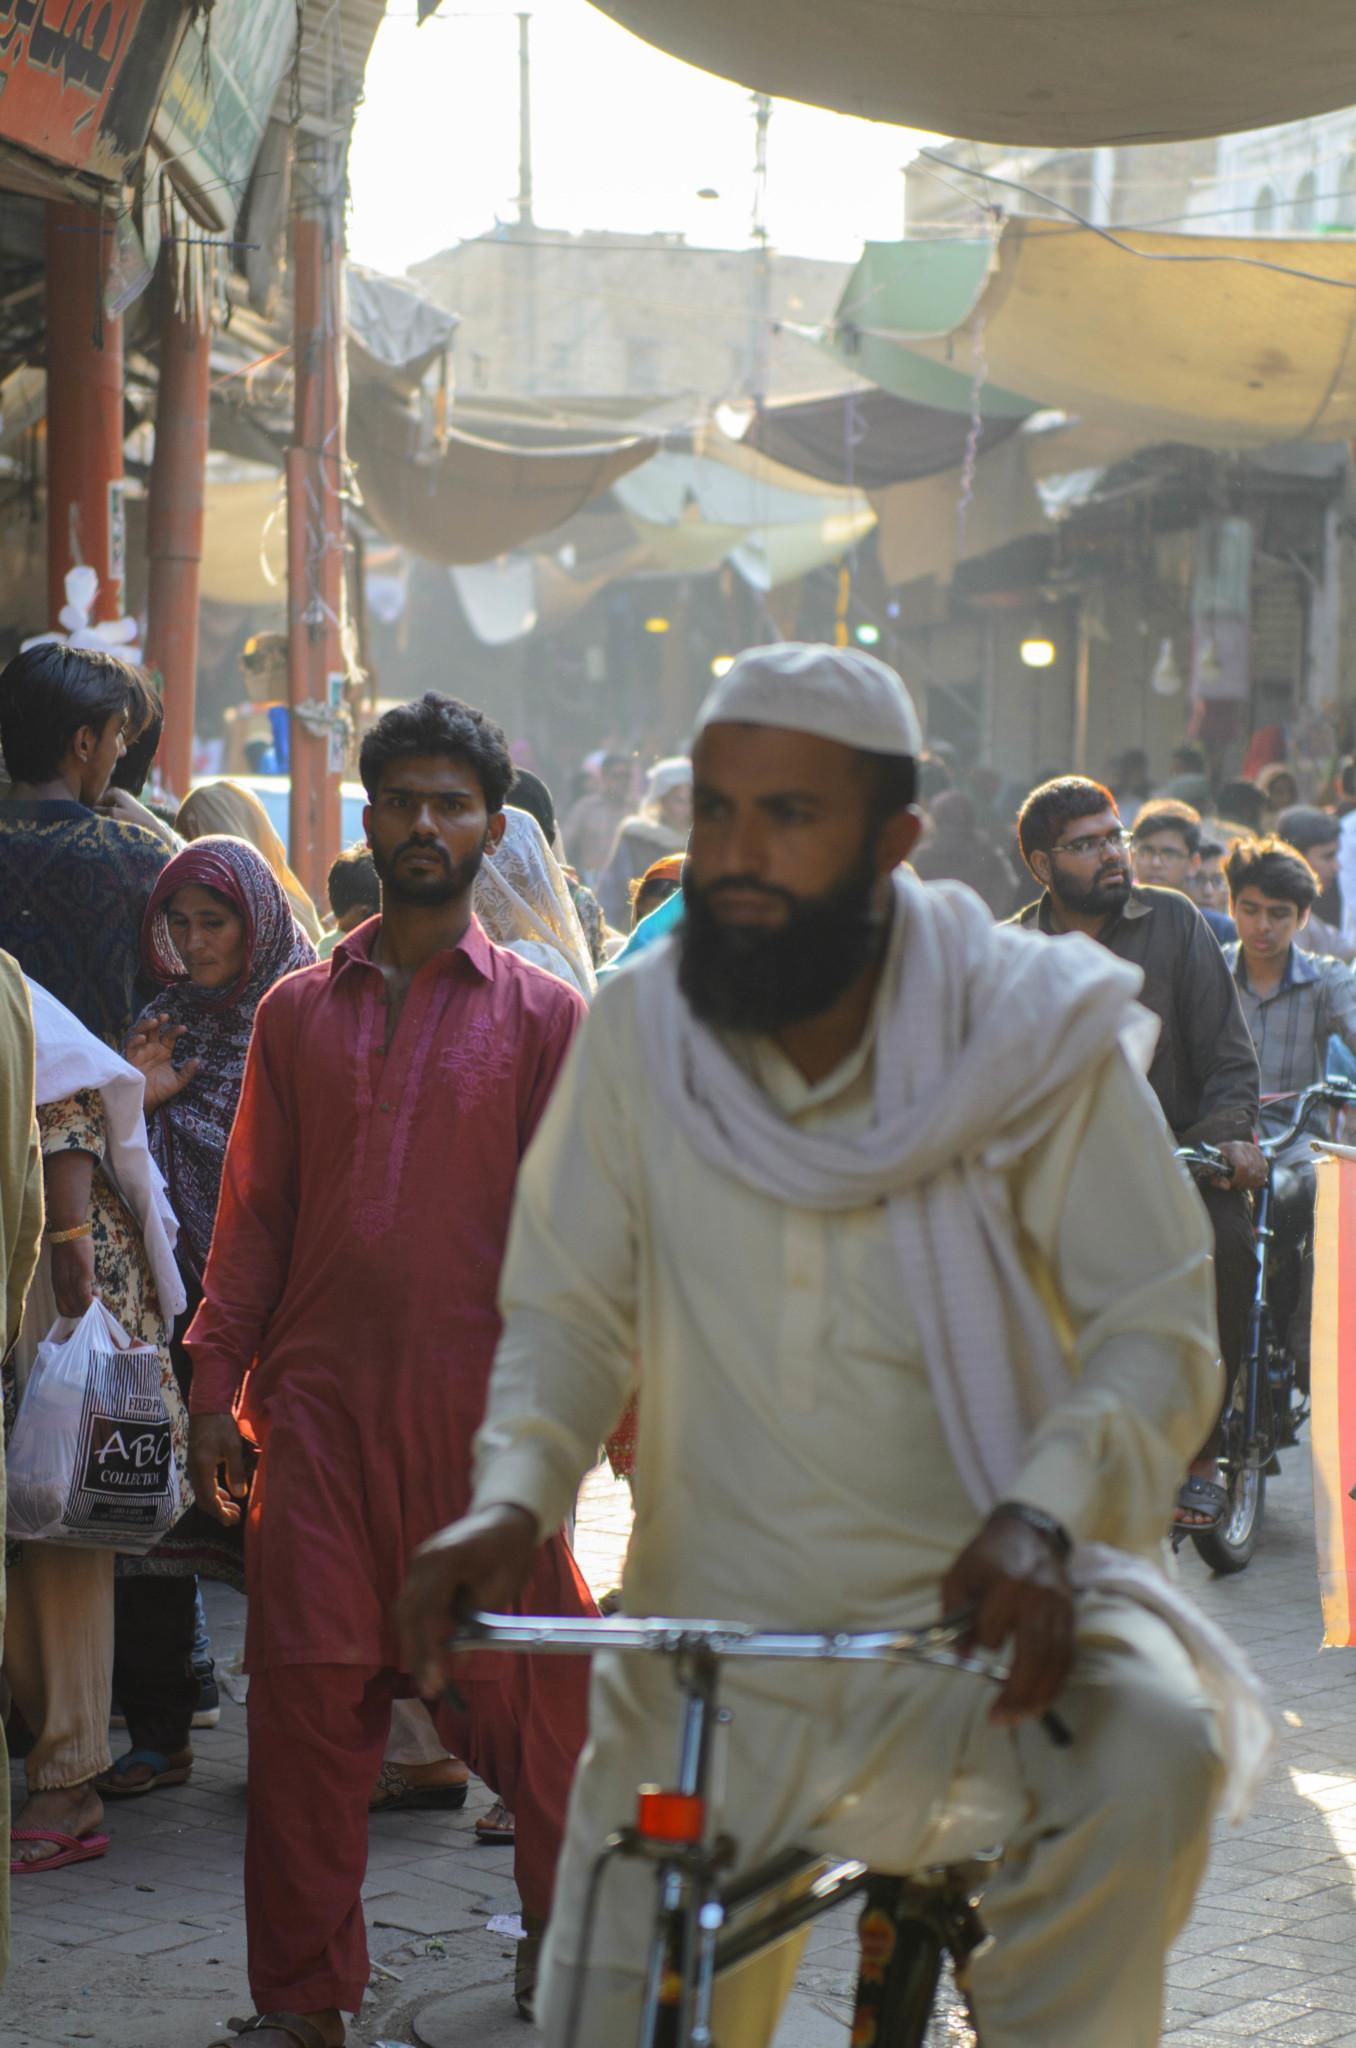 Mit dem Fahrrad düsen die Einheimischen über den Markt.